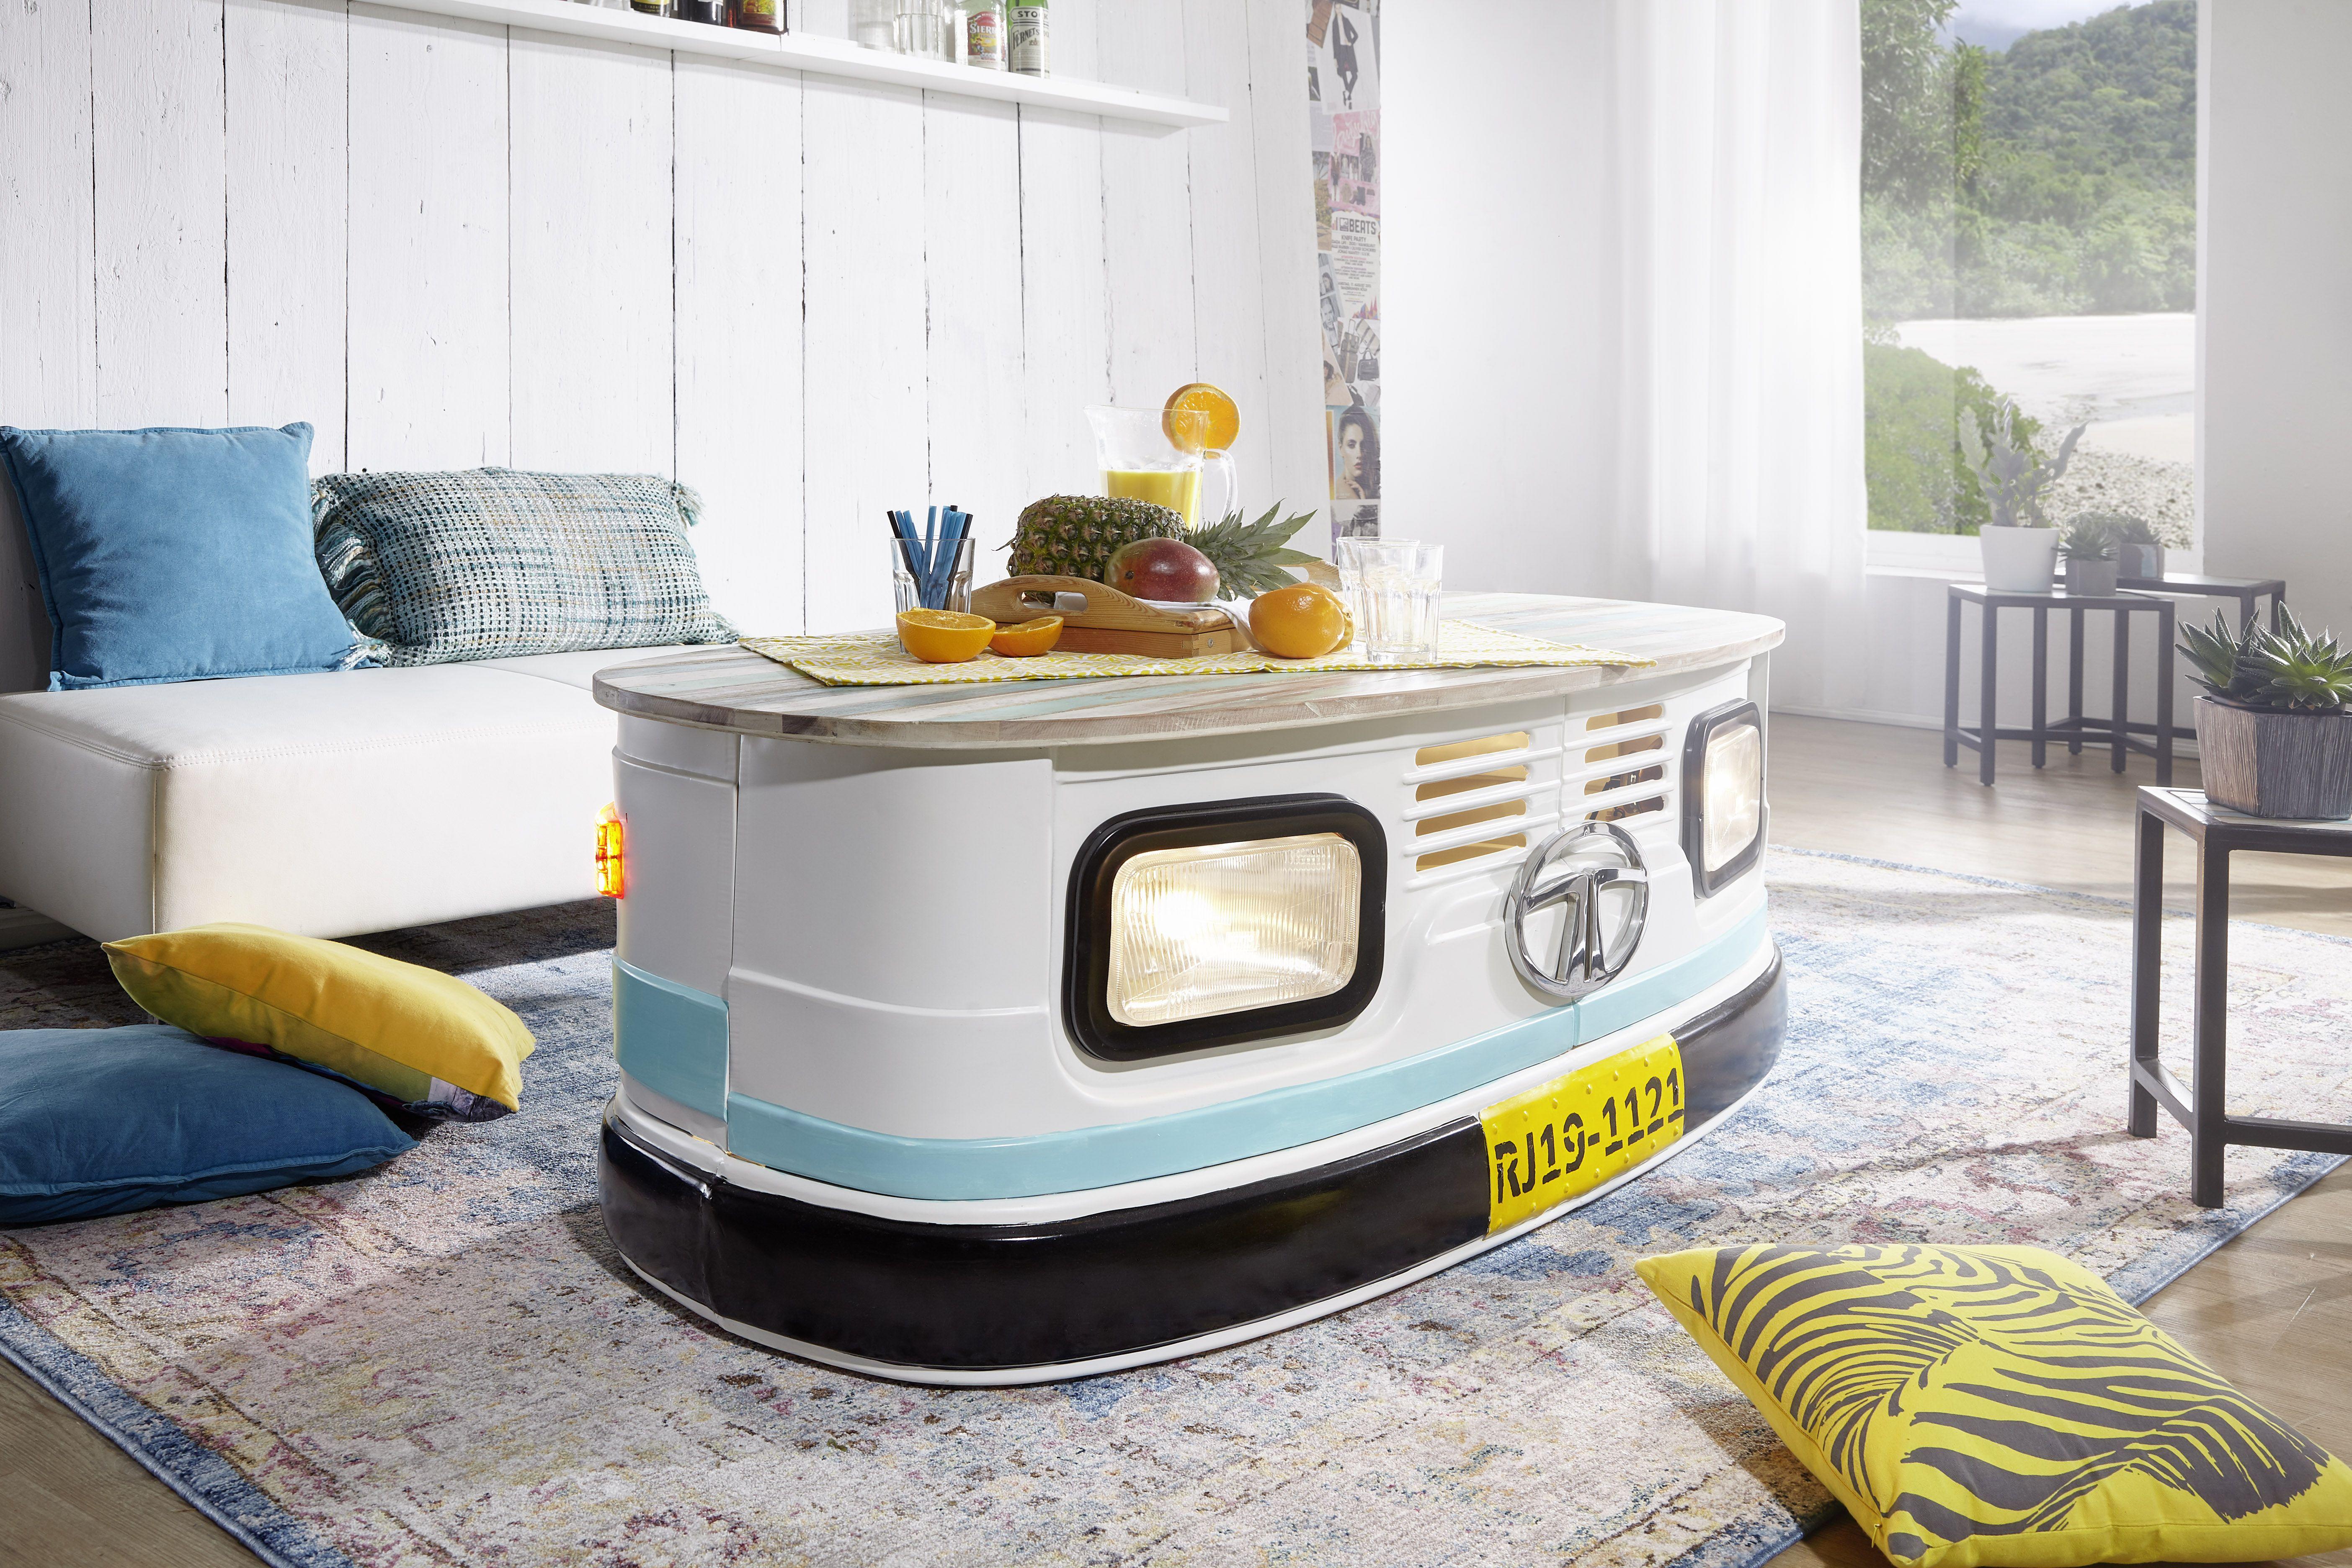 Wohnling Truck Couchtisch Lina WL5.437 Aus Massivholz, Eisen Und Lampen # Wohnzimmer #